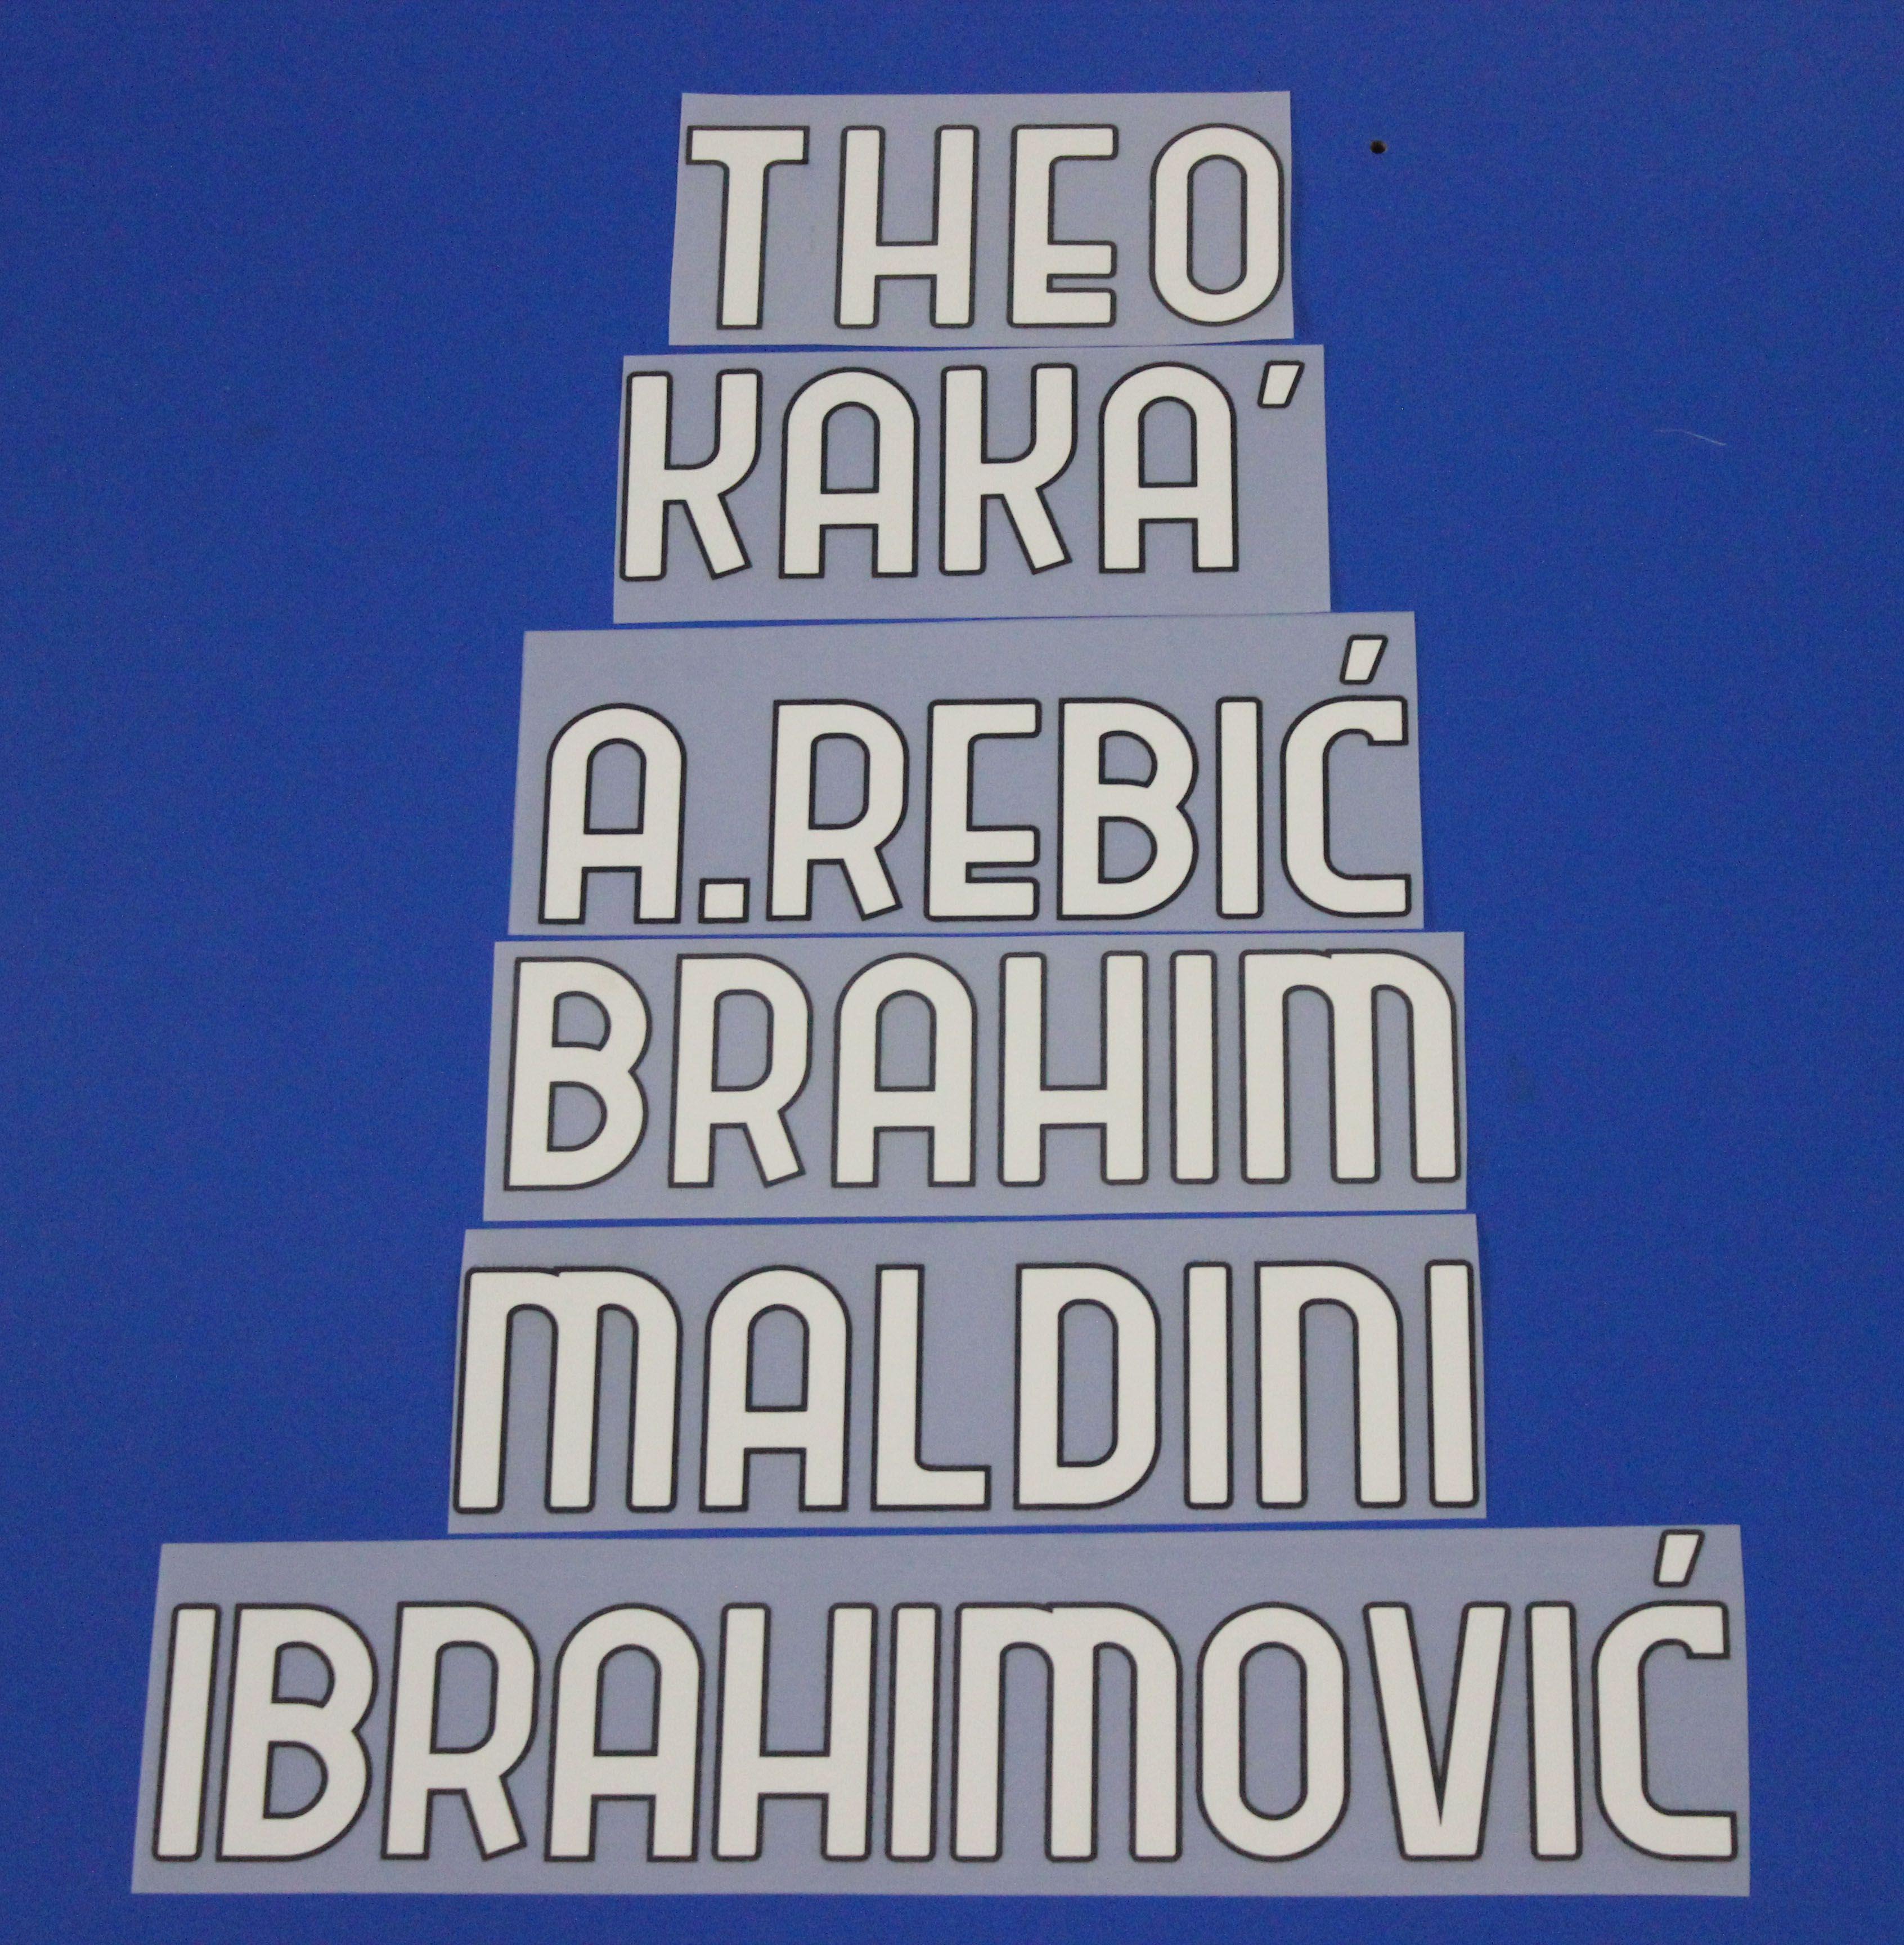 2020-2021 serie bir kulüp ibrahimovic tonali futbol adet özelleştirmek A-Z numarası 0-9 baskı futbolcu yazı tipi adet yama